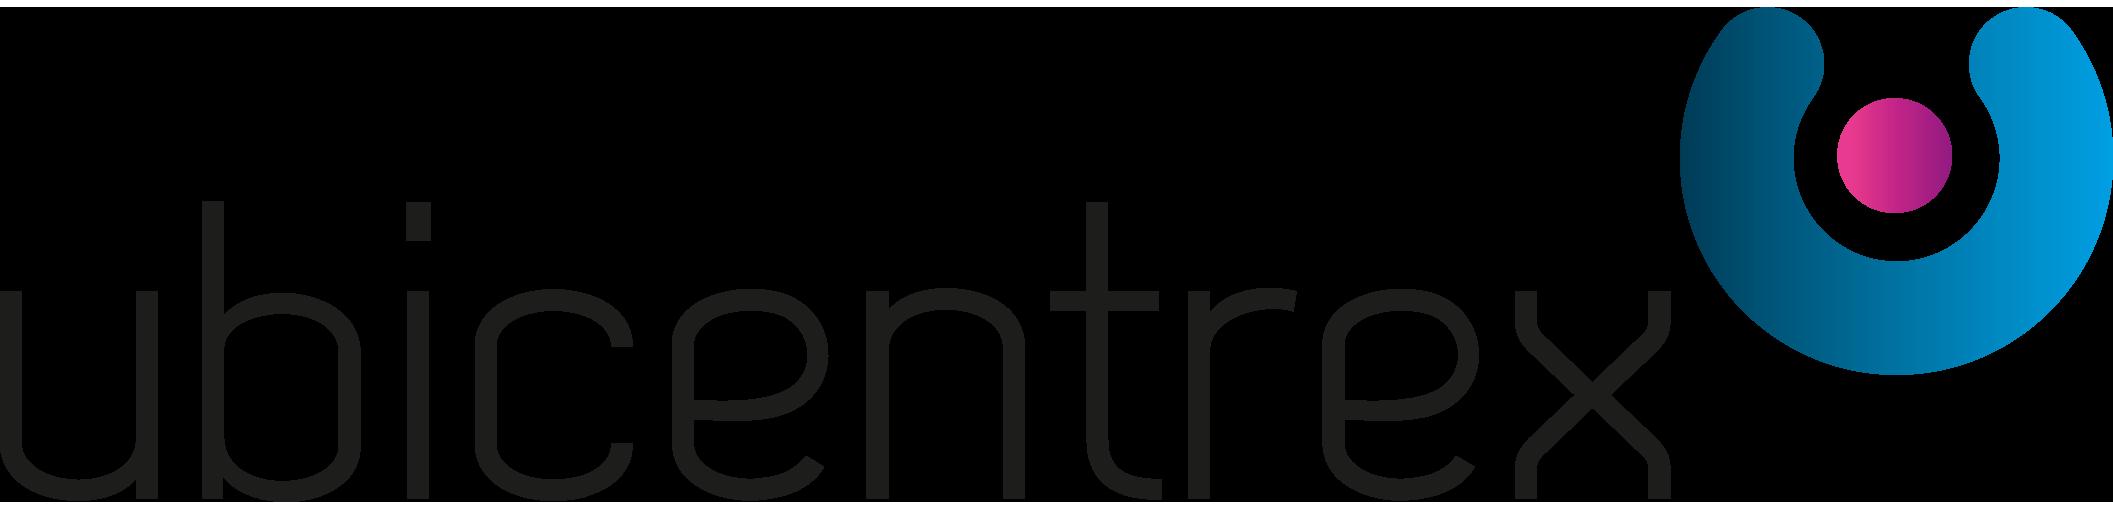 Logo Ubicentrex - Agence Solycall experte dans le télésecrétariat des professionnels de la santé